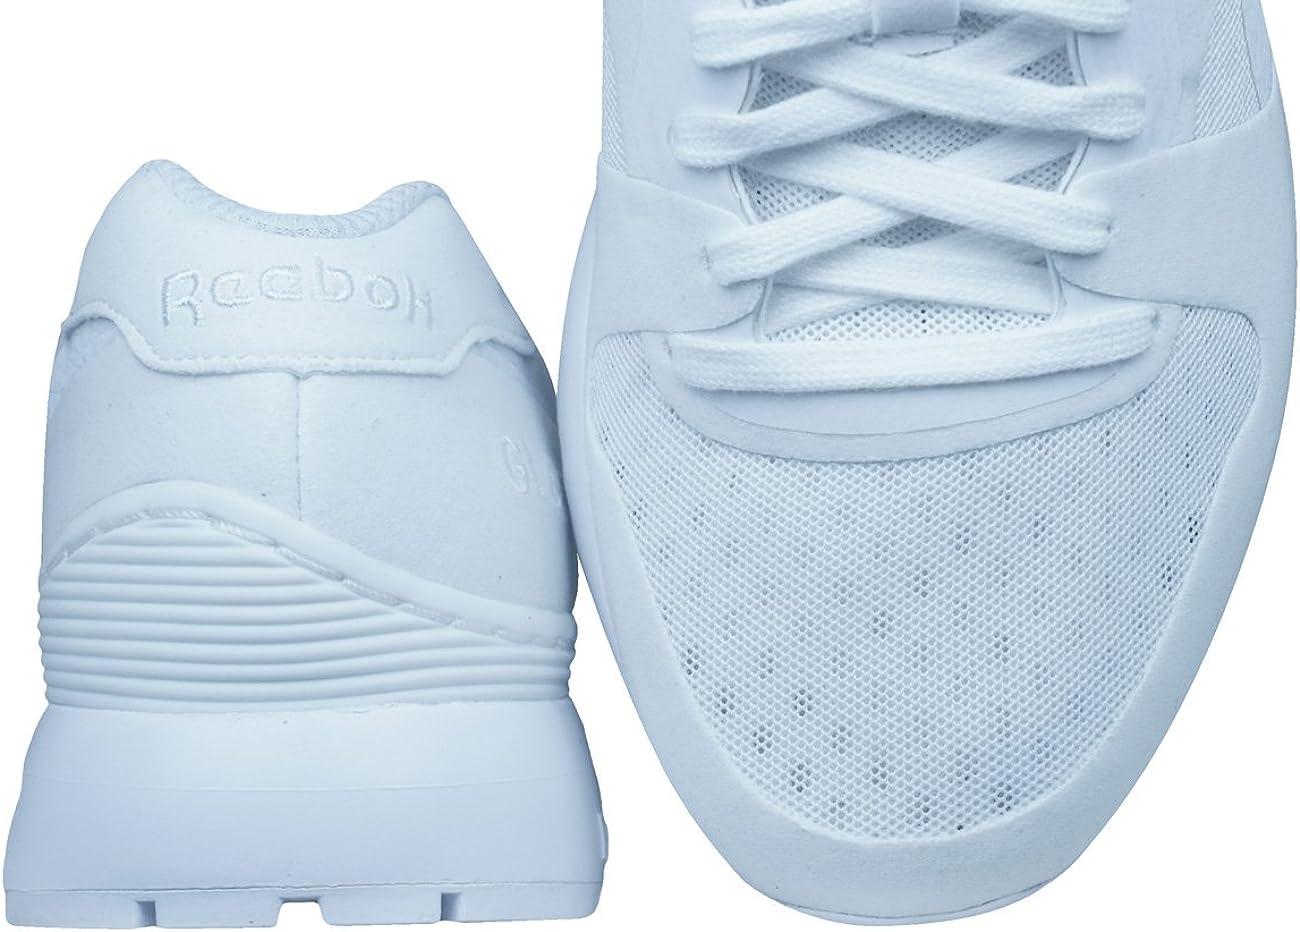 REEBOK - REEBOK GL 6000 HM Blanc